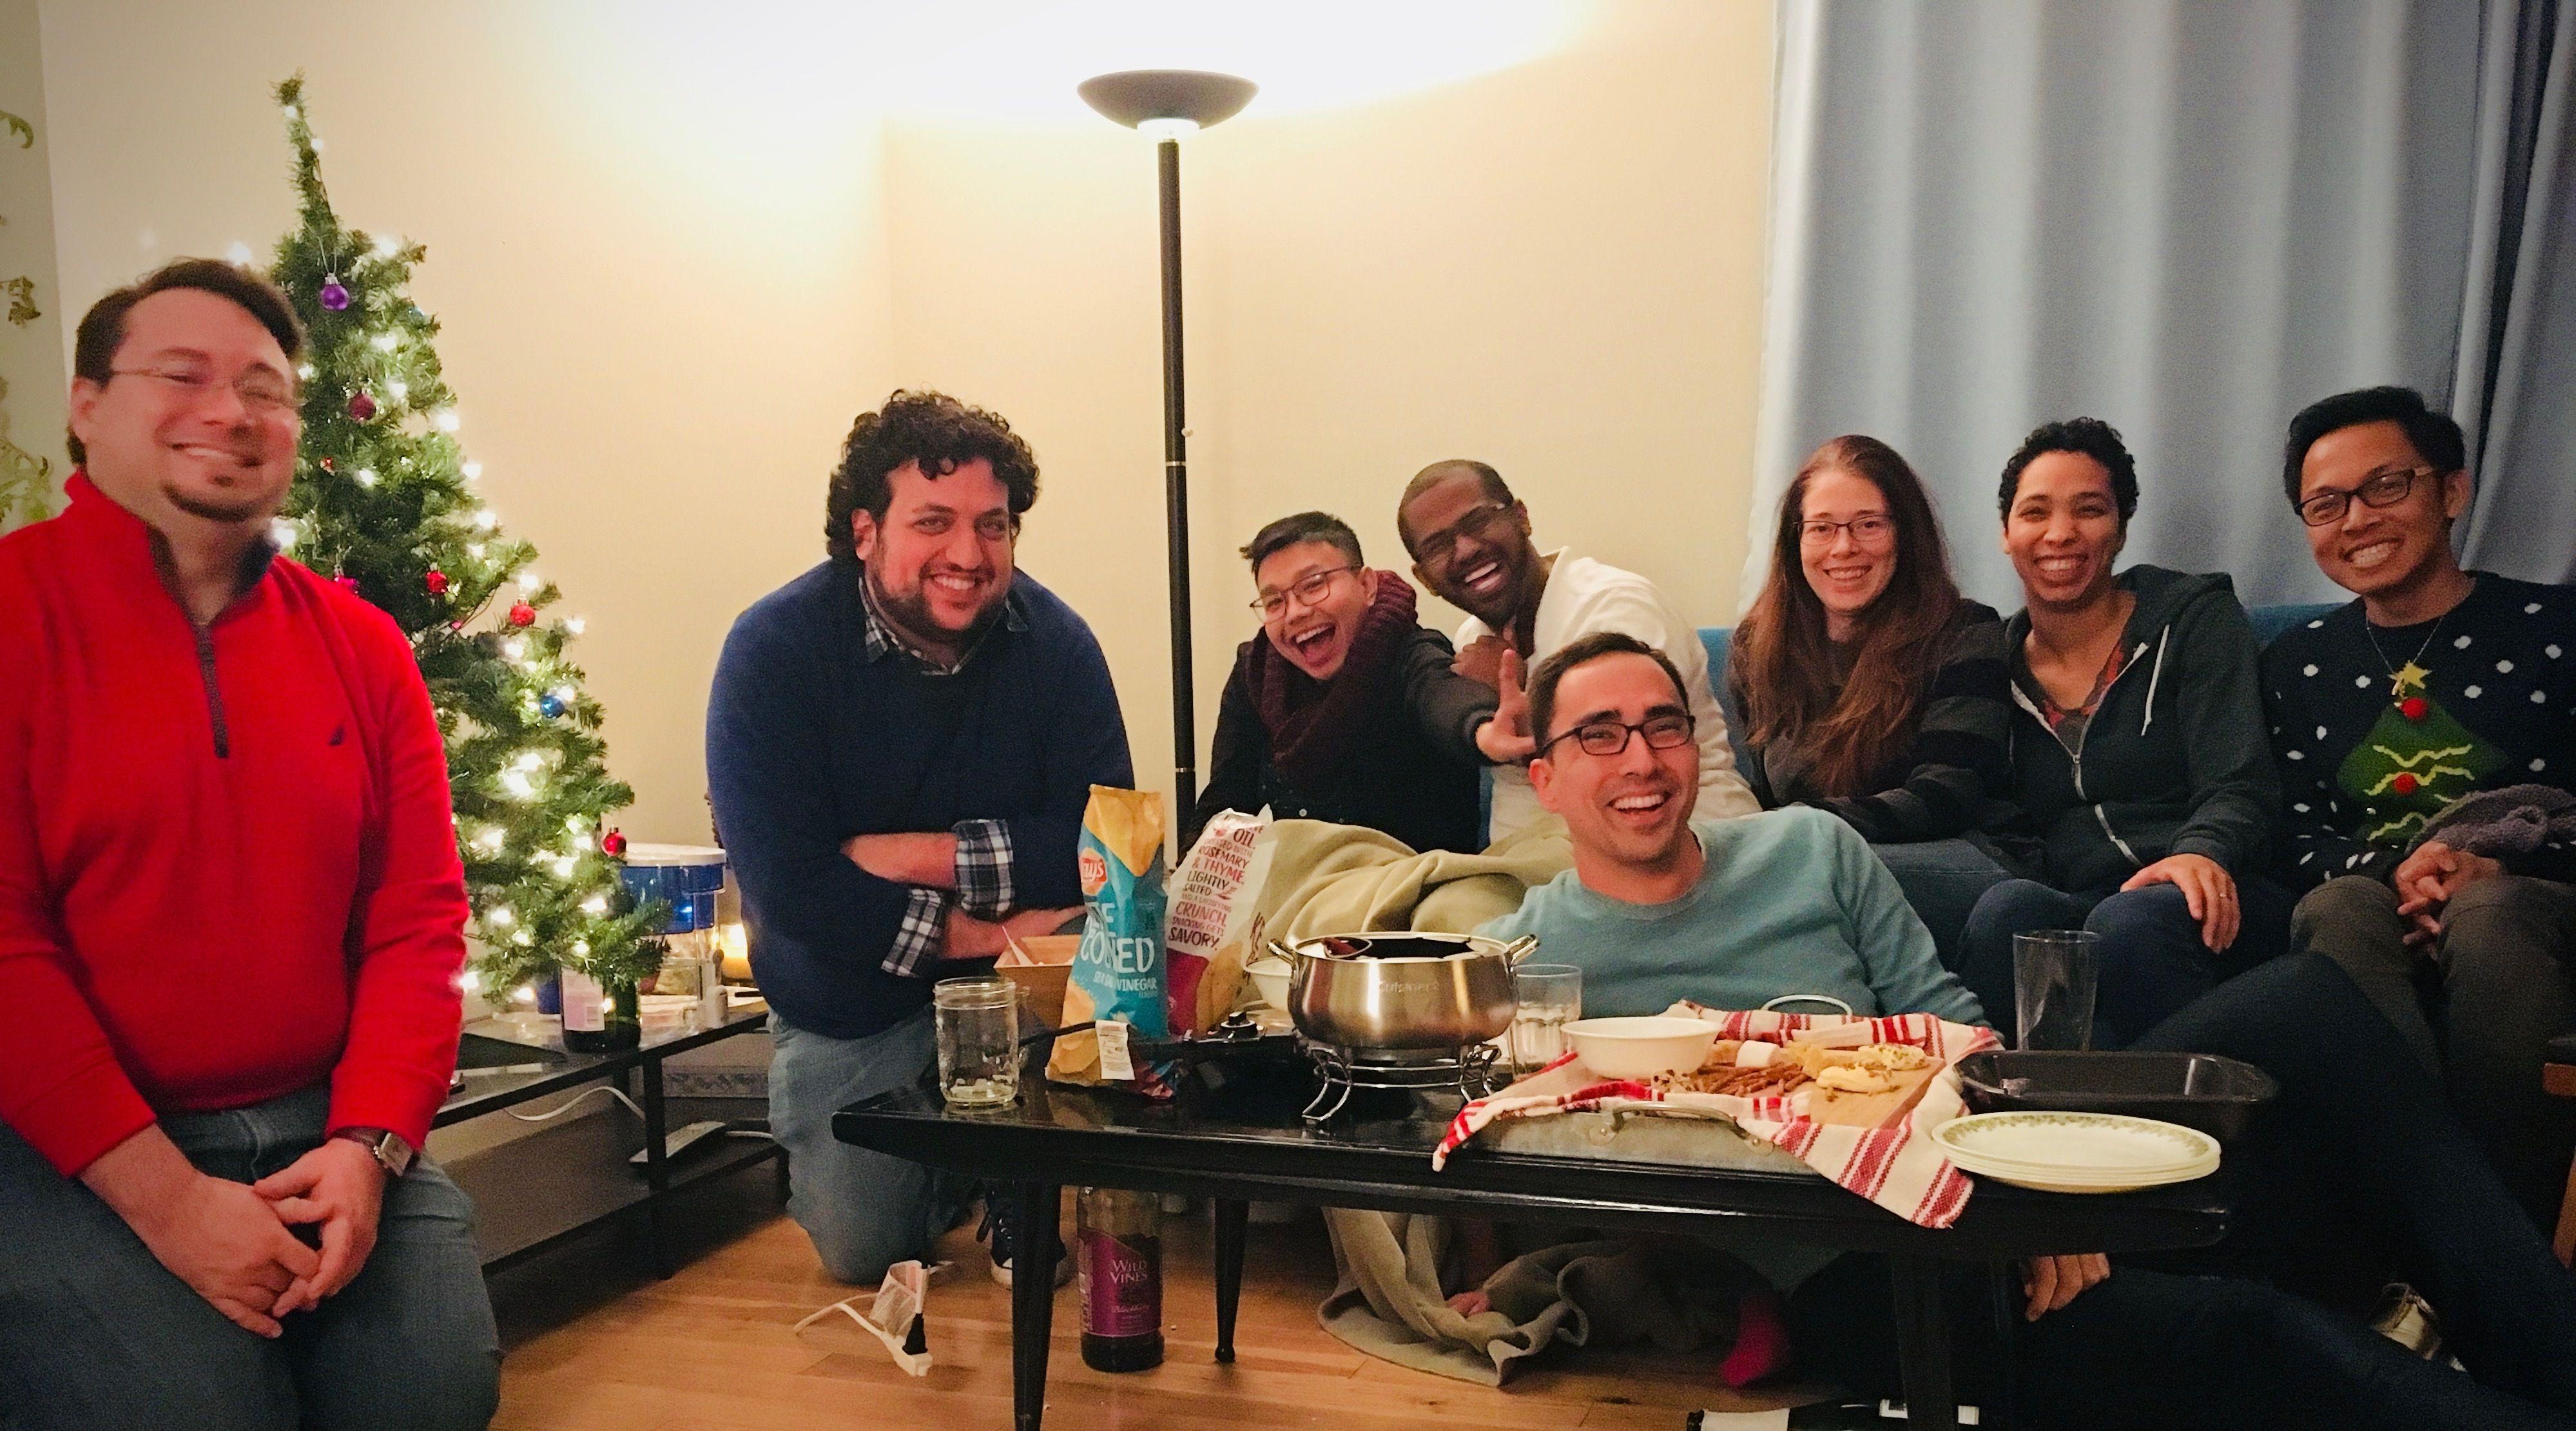 LGBT Movie Club Potluck Extravaganza (age 20s-30s)